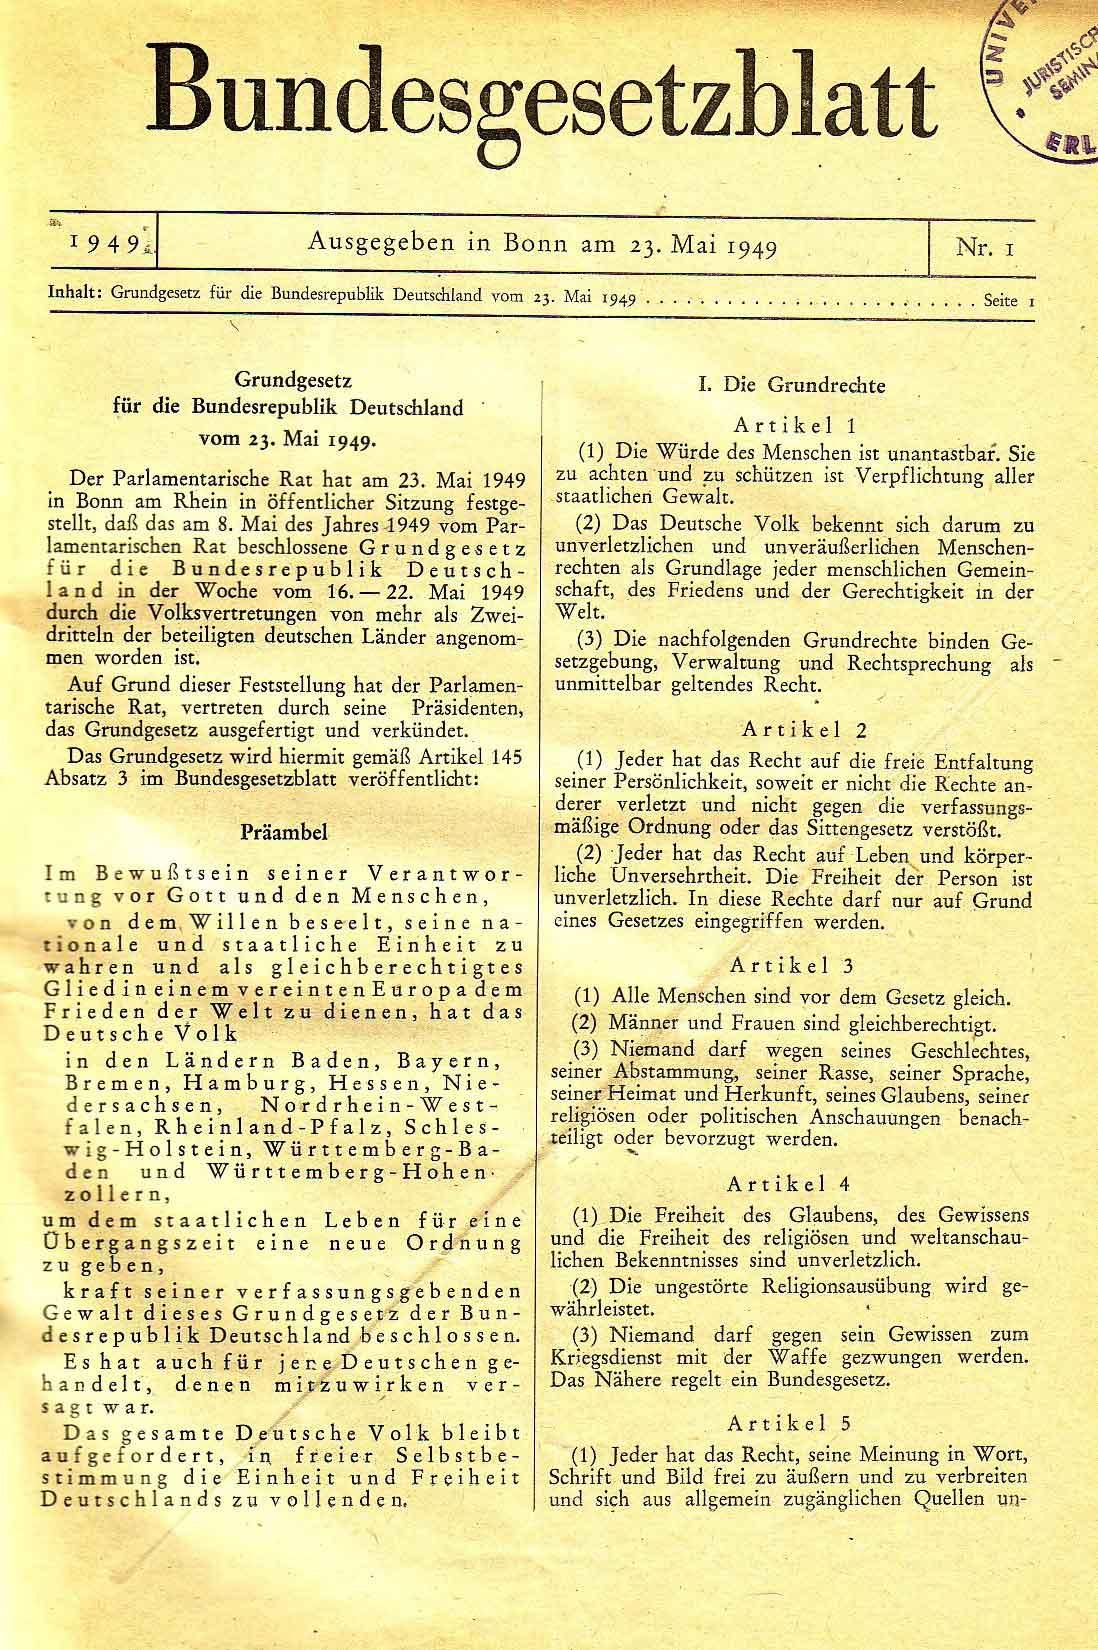 Zusammenfassung Das Grundgesetz für die Bundesrepublik Deutschland ...